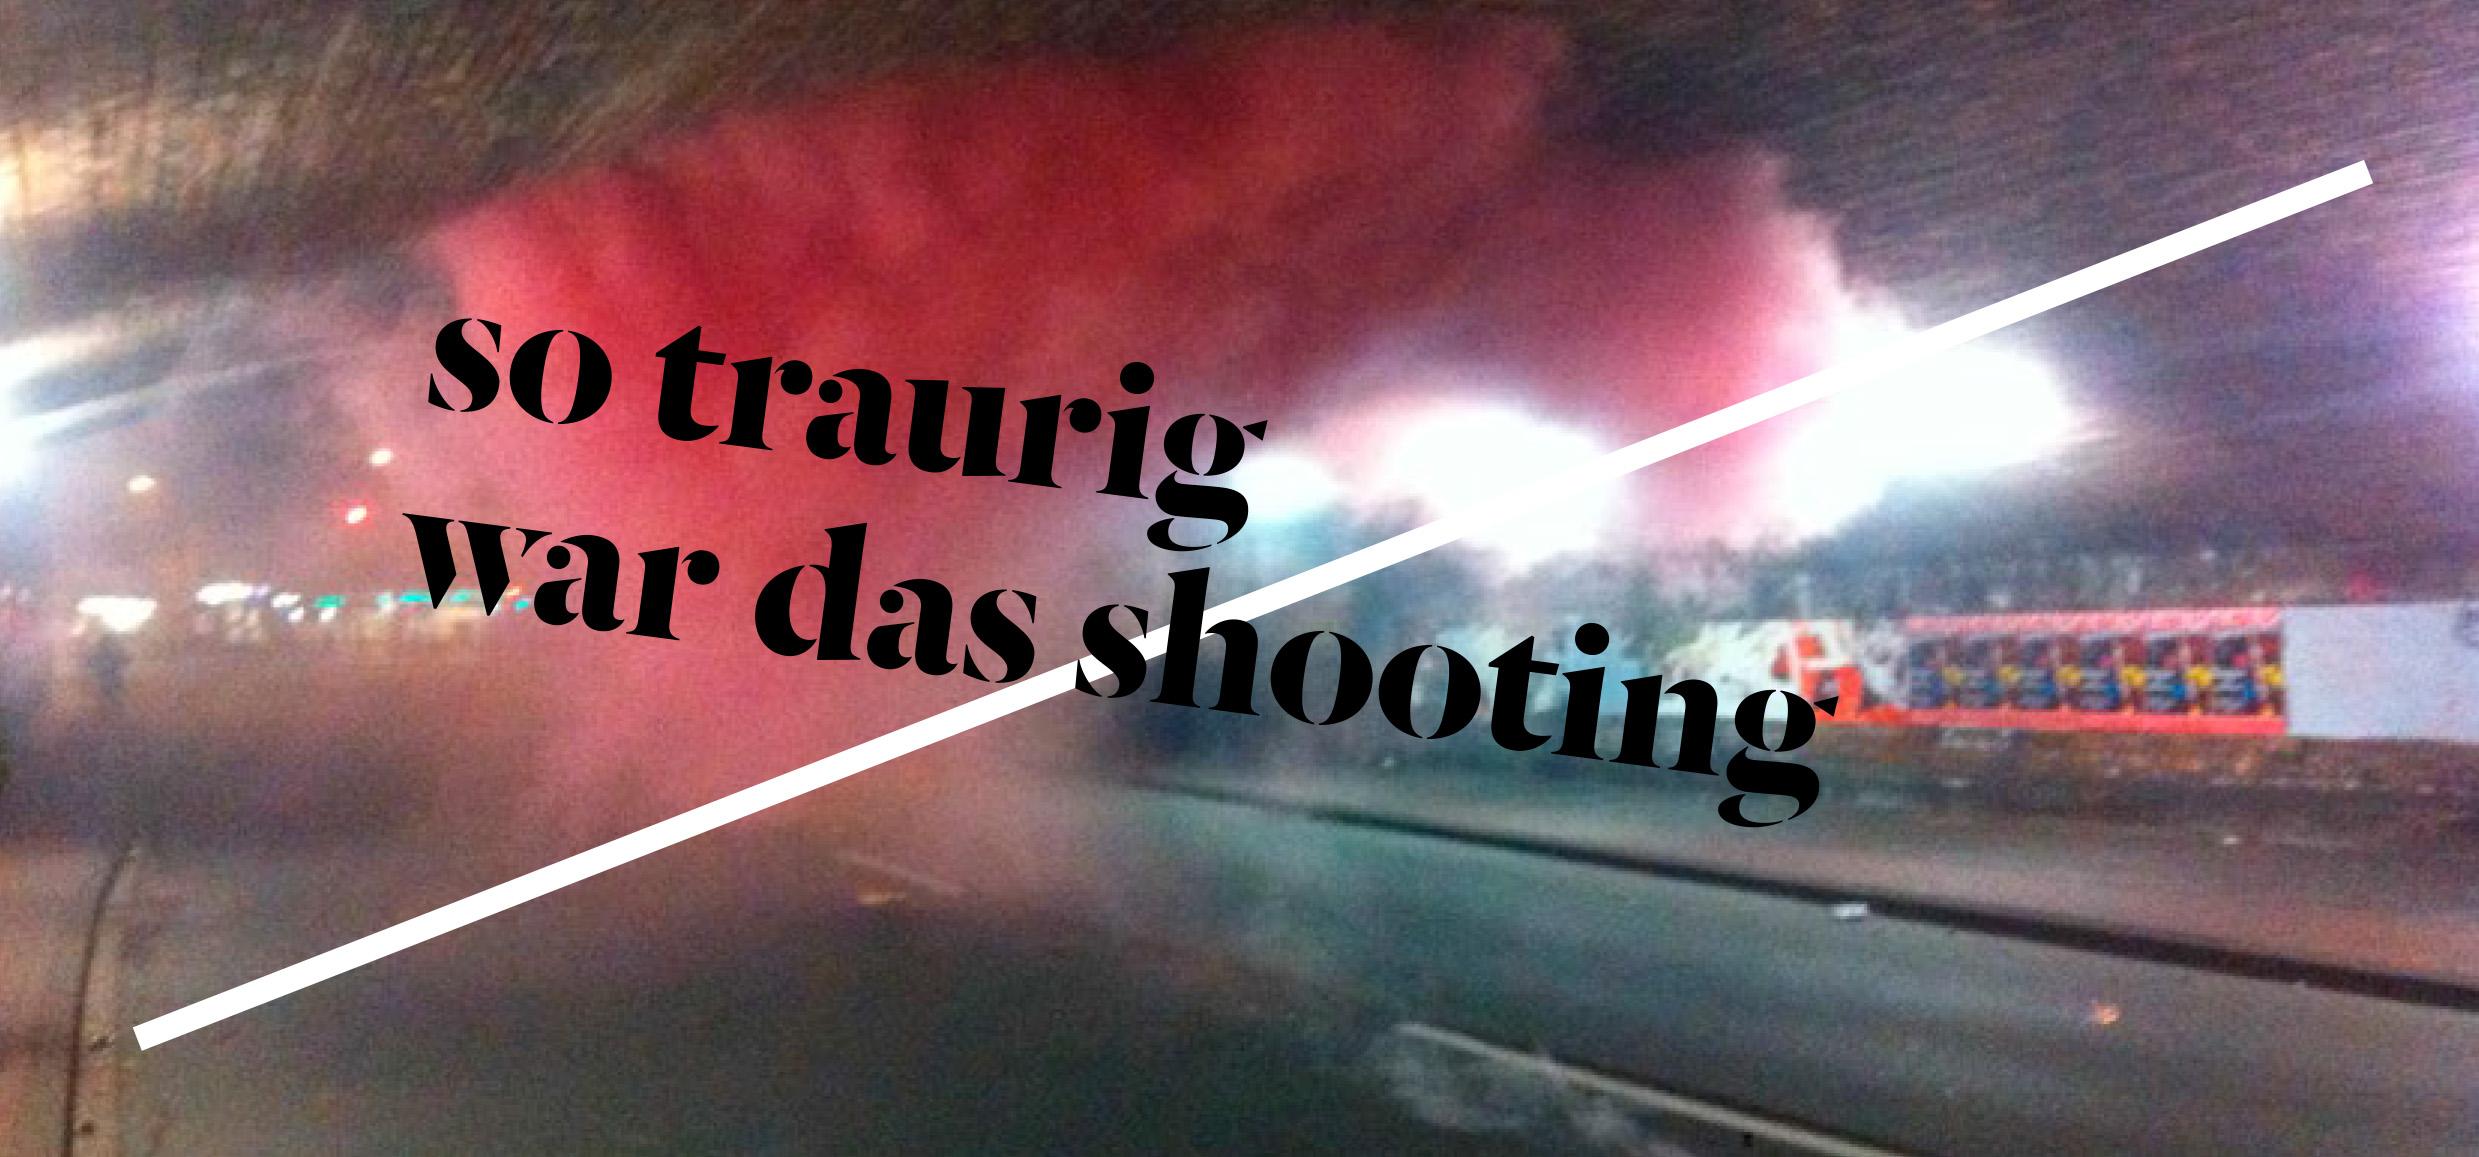 Eventbild für Klasse Aernout Mik // so traurig war das Shooting